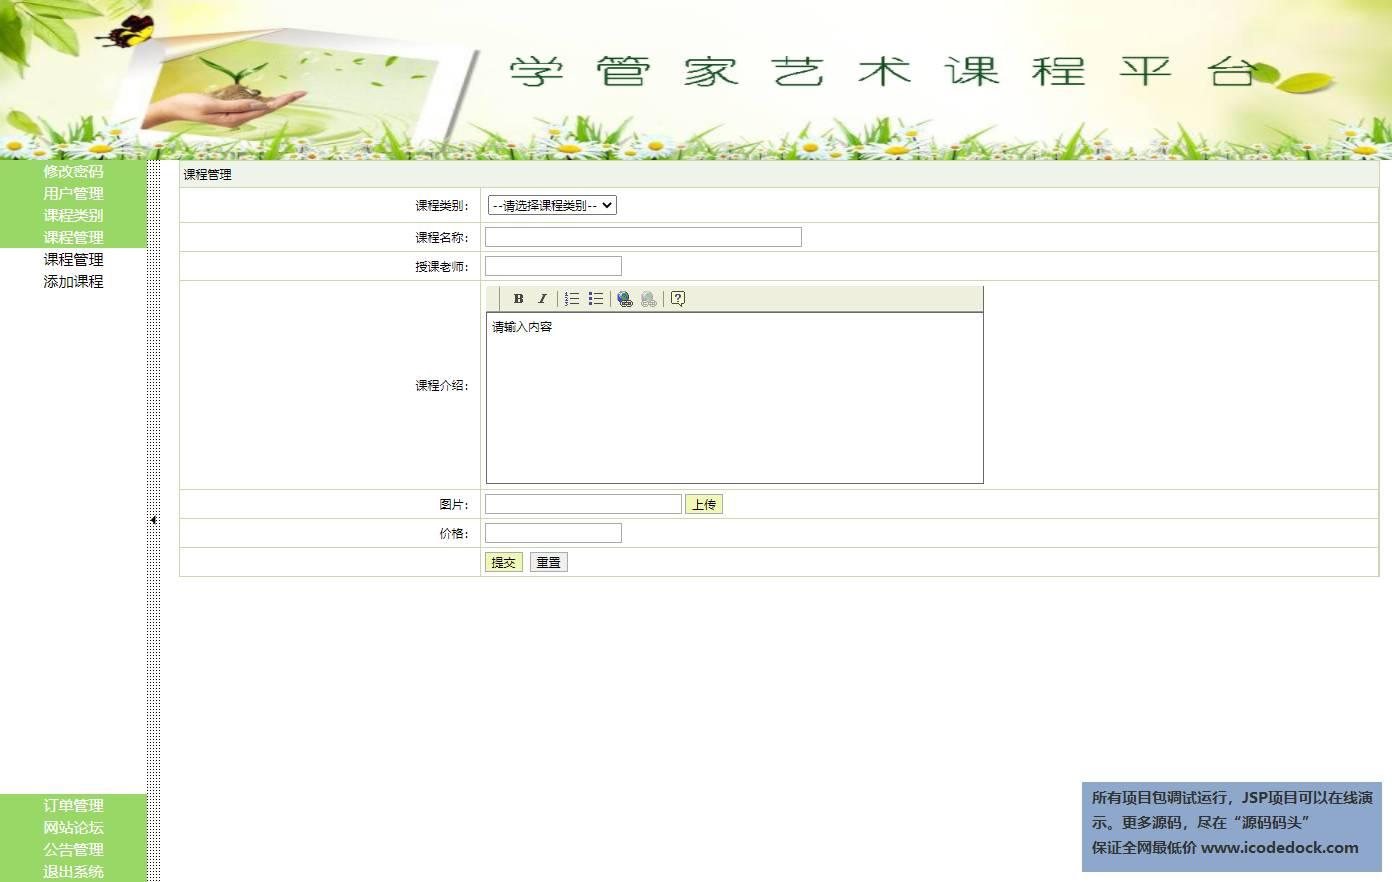 源码码头-SSH艺术课程购买网站-管理员角色-课程添加